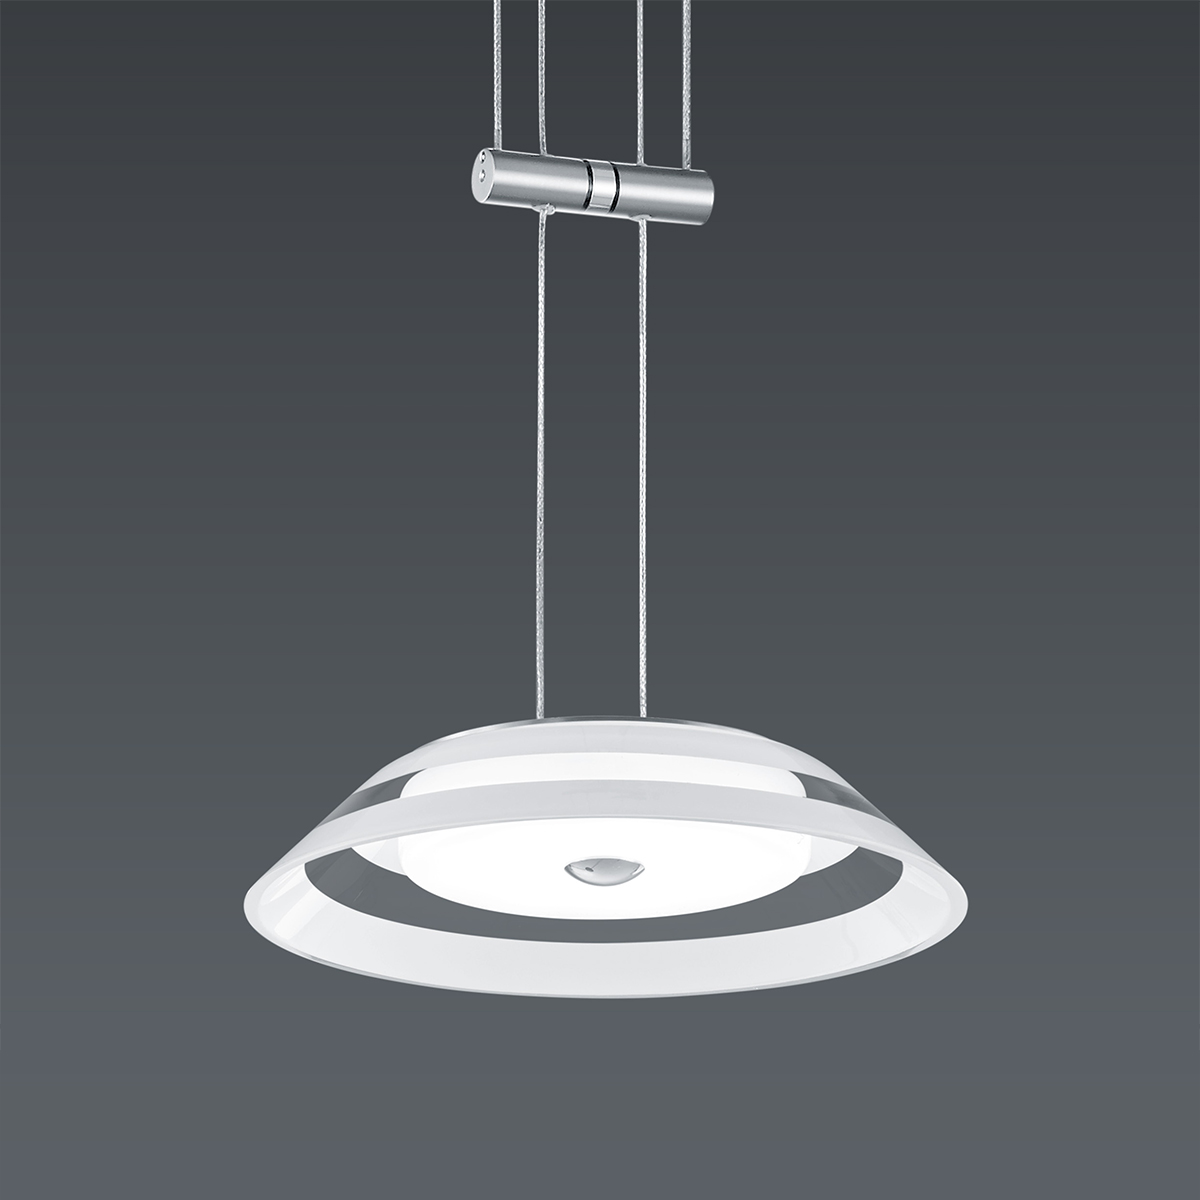 Hängeleuchten von BANKAMP Leuchtenmanufaktur LED-Pendelleuchte Callas zur Strada 2145/1-92